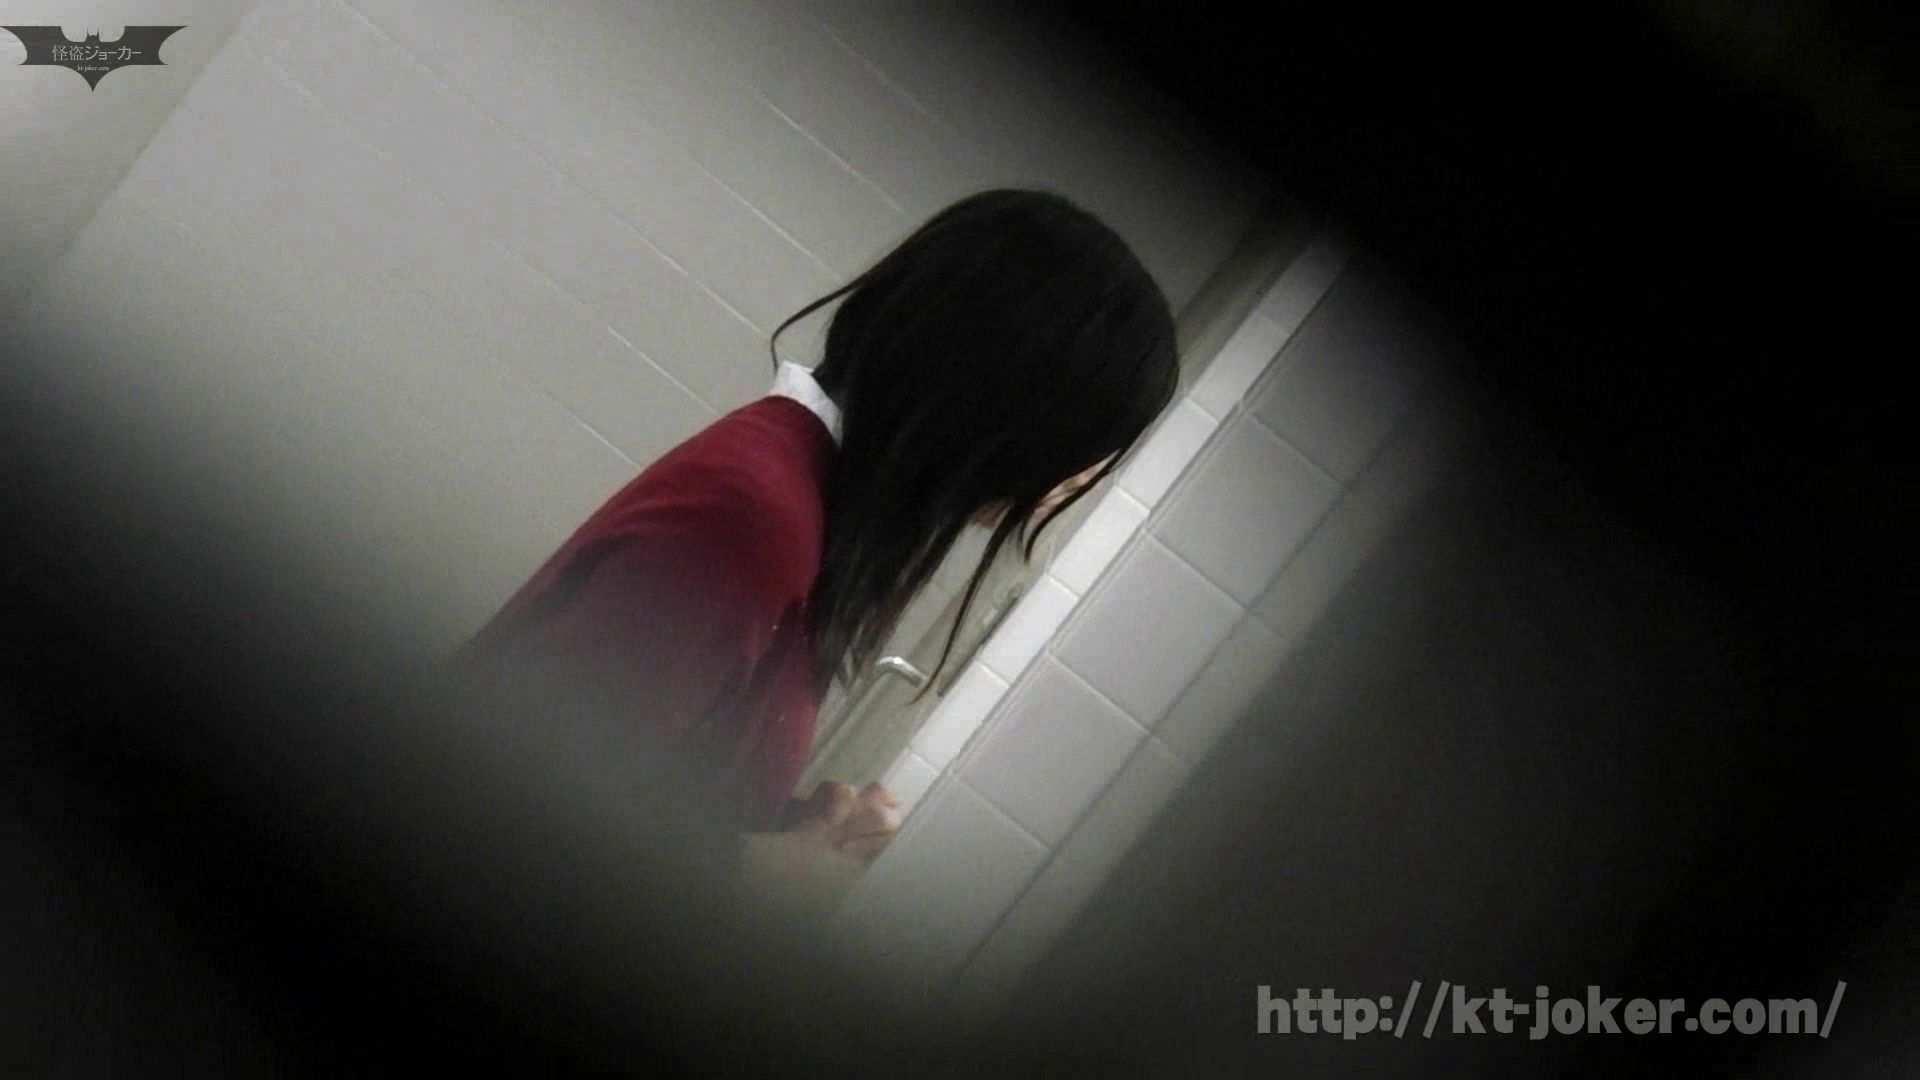 命がけ潜伏洗面所! vol.56 ピンチ!!「鏡の前で祈る女性」にばれる危機 洗面所突入  105pic 9